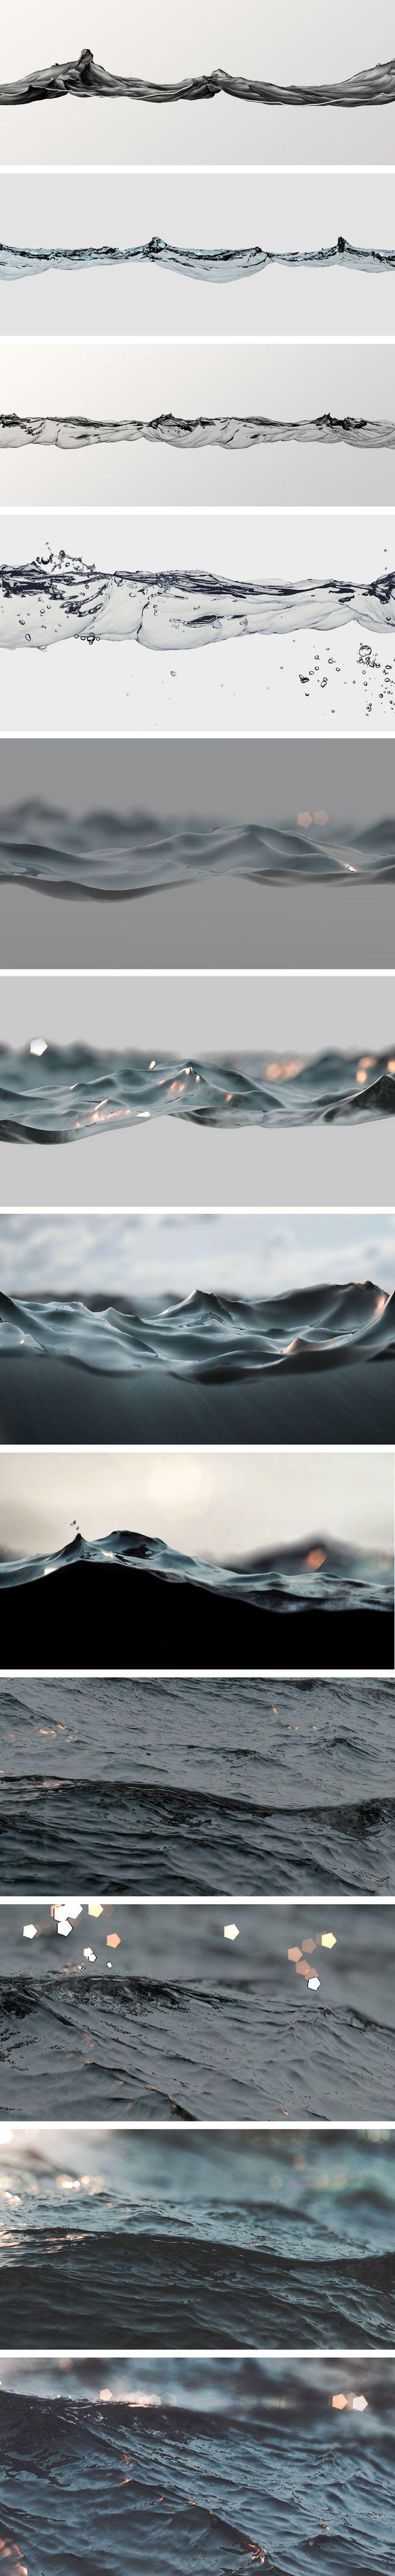 Dribbble - water_study_full.jpg by Julian Hrankov